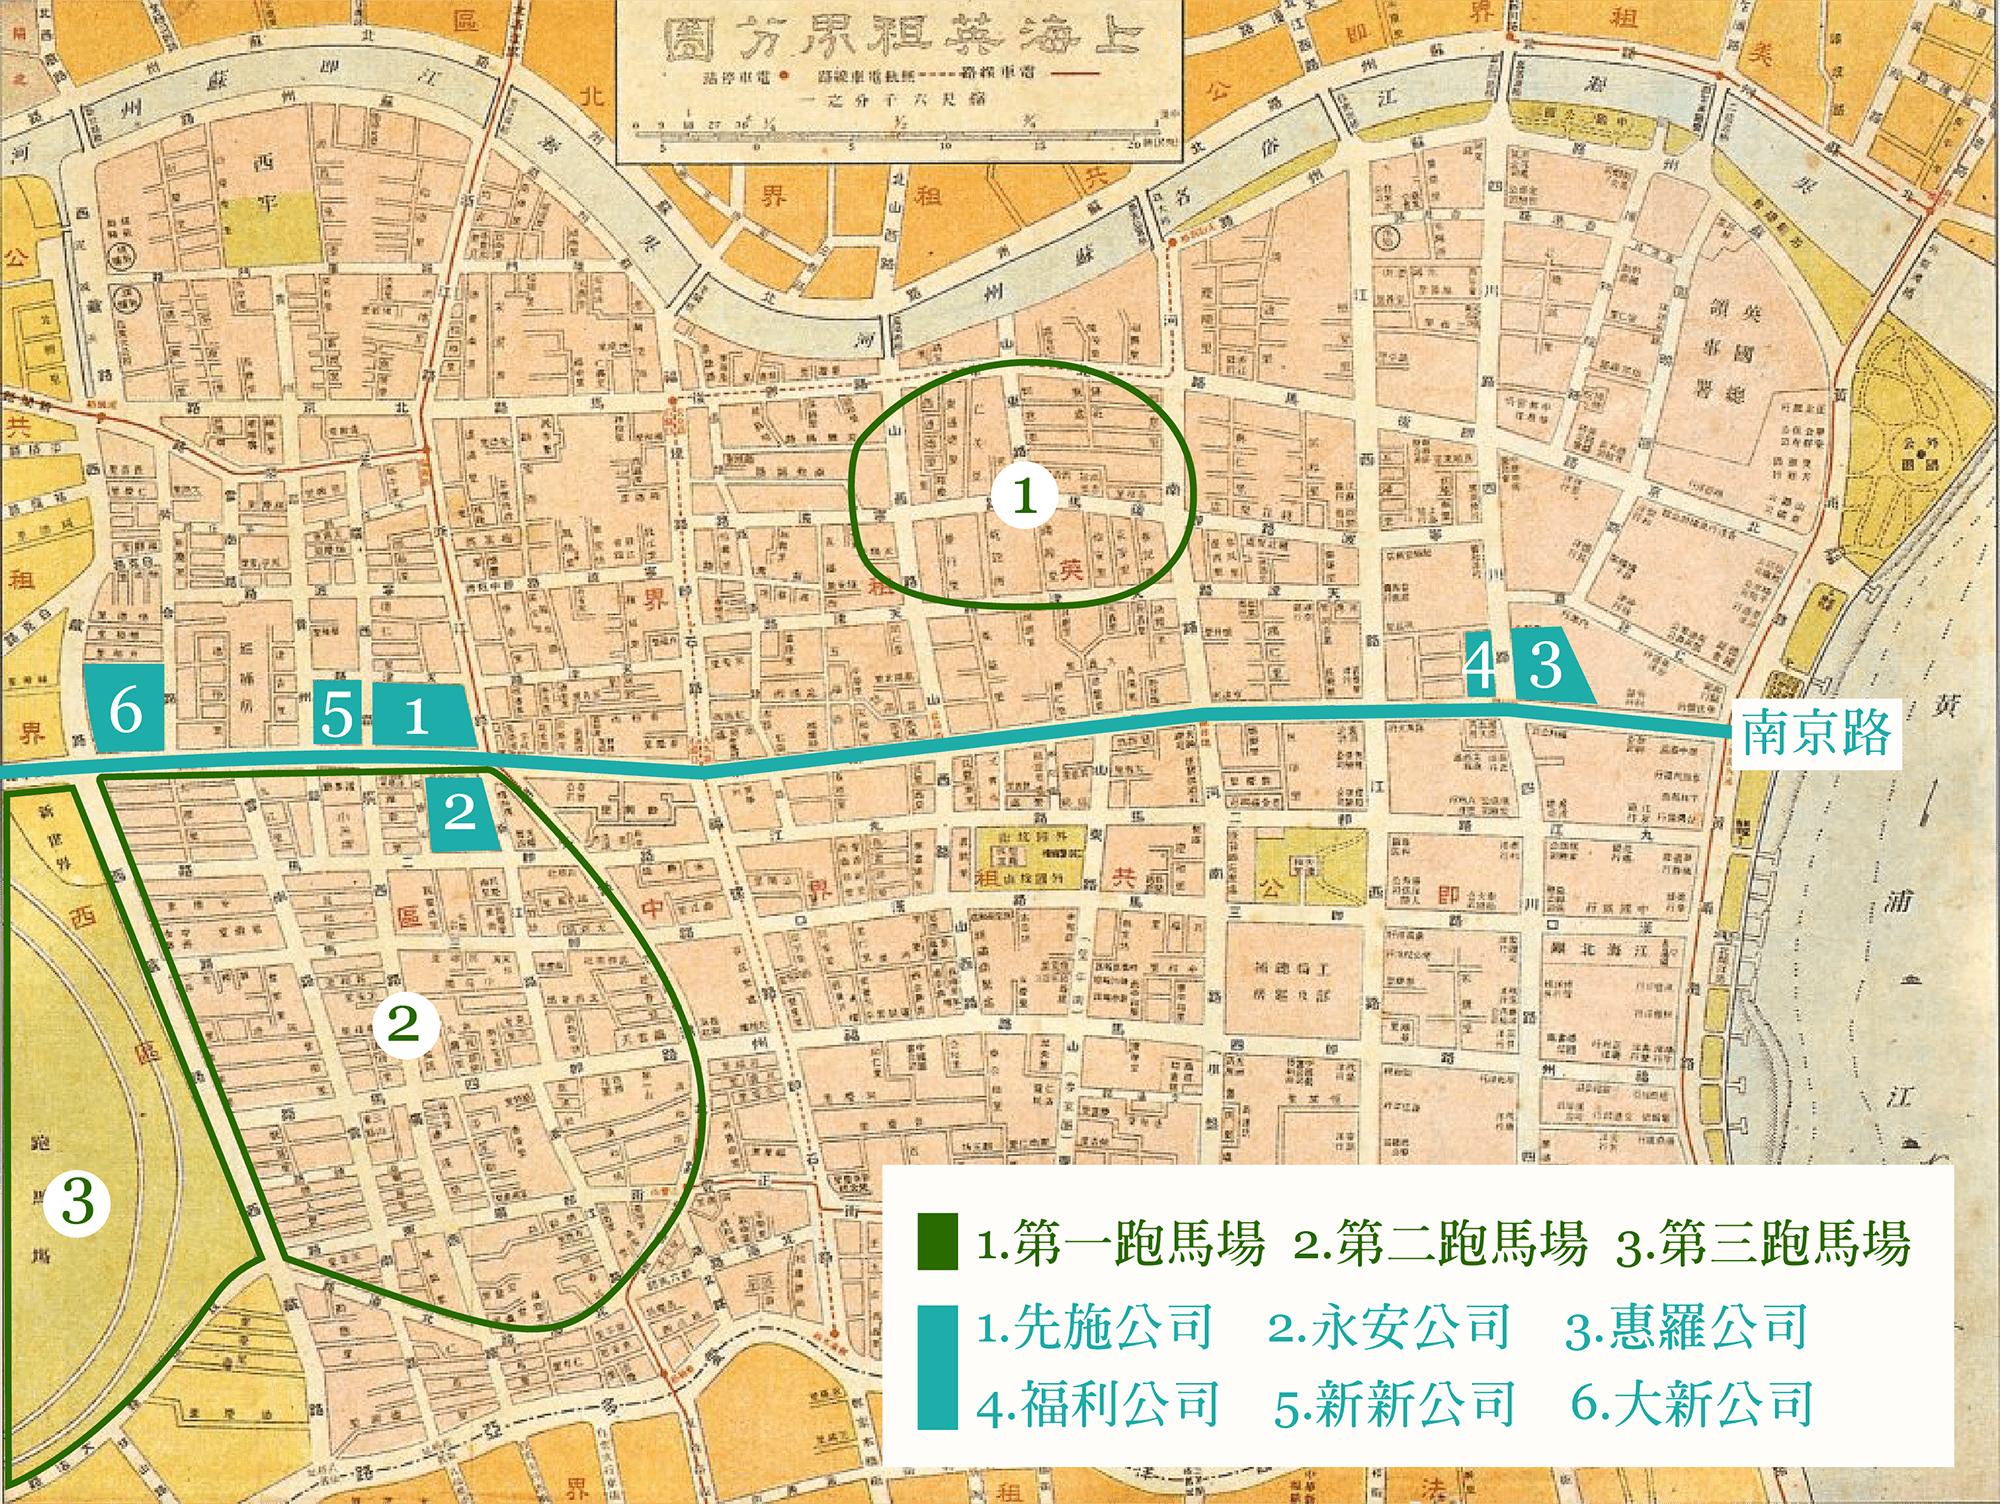 1936 年上海南京路地圖。上海四大百貨公司:先施、永安、新新、大新,都聚集在跑馬場一帶。圖│研之有物(資料來源│上海圖書館、連玲玲提供)